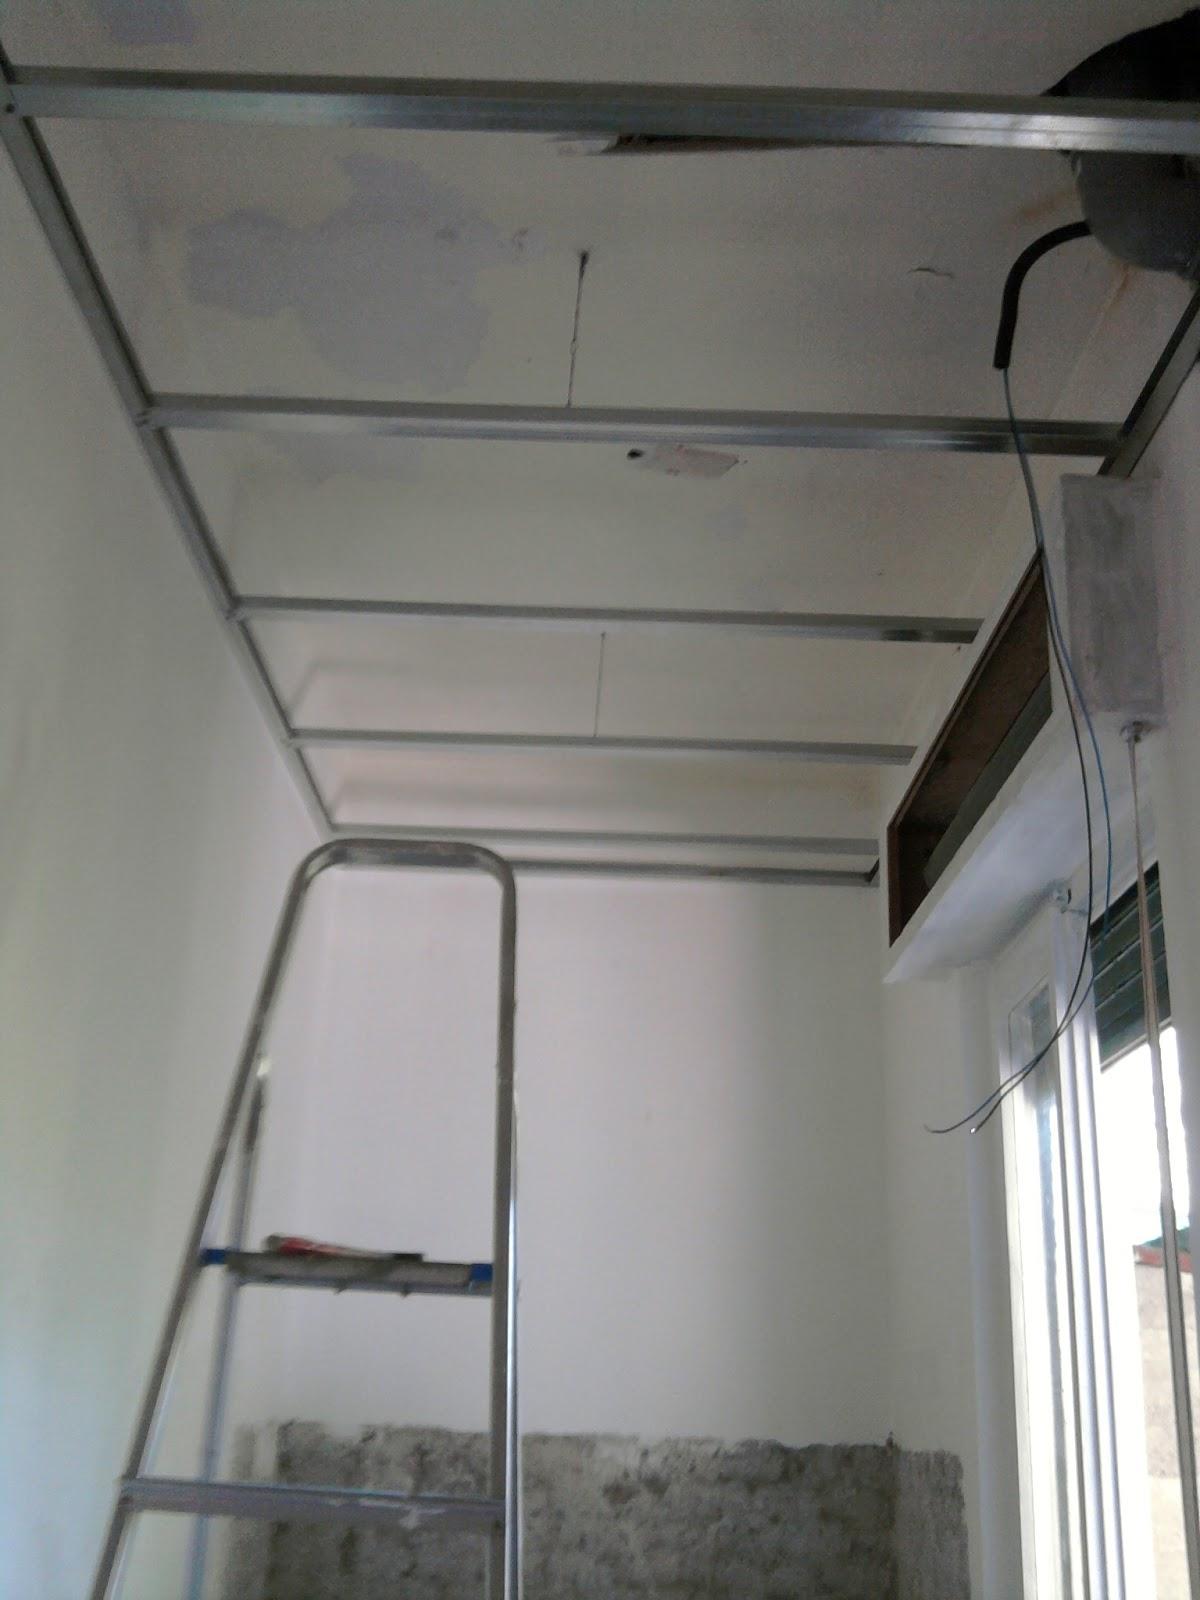 Favorito Andrea Cassinelli Artigiano: Abbassamento soffitto in cartongesso  JD83